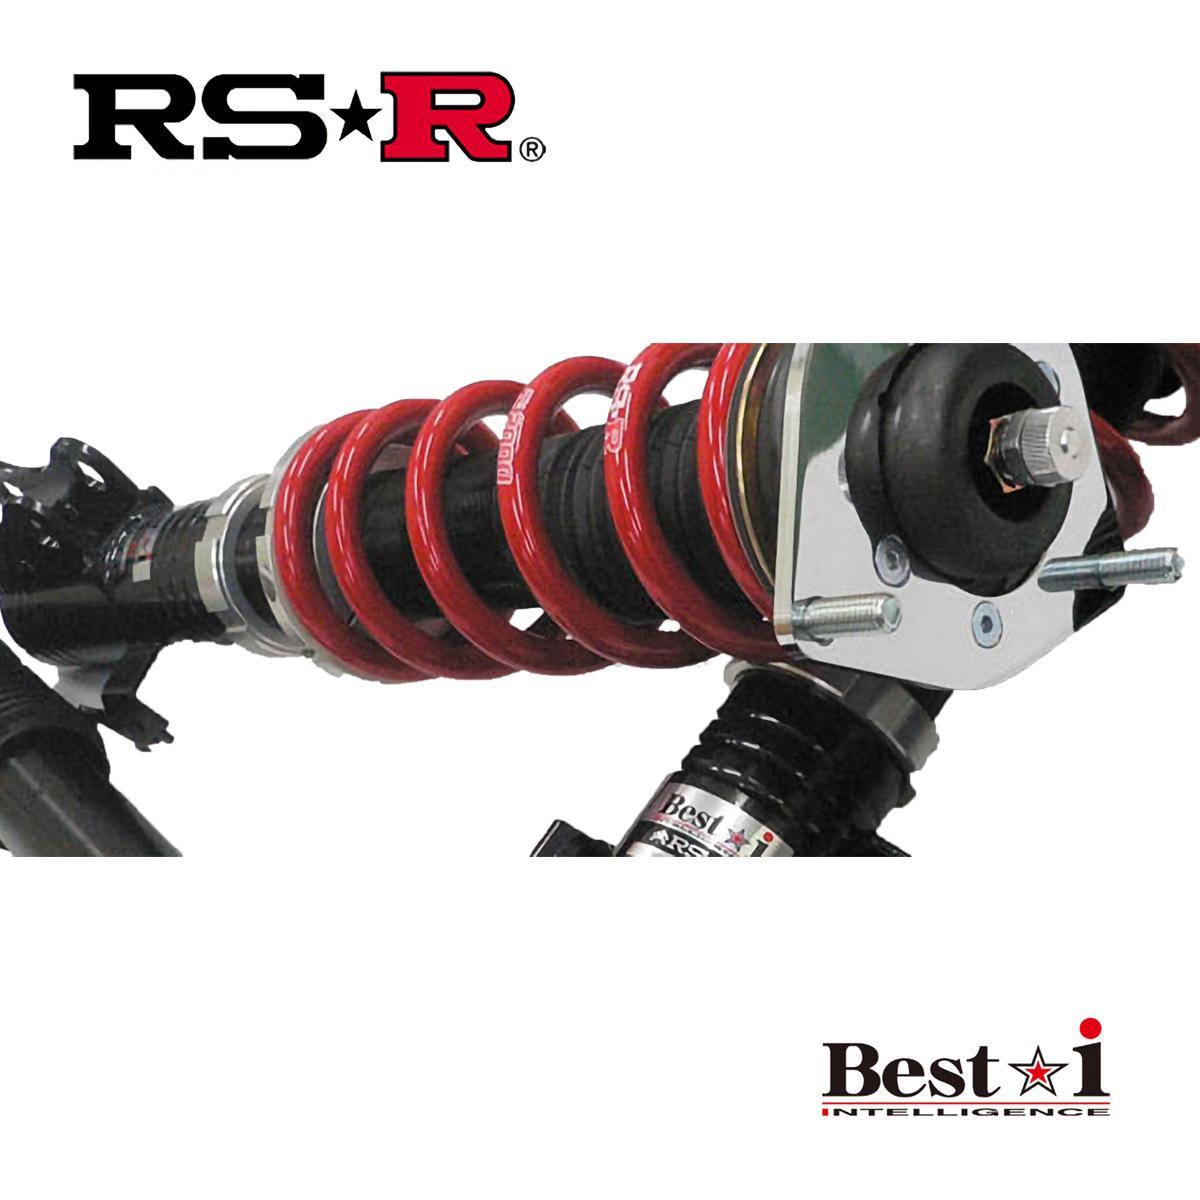 RS-R C-HR G ZYX10 車高調 リア車高調整:ネジ式/ソフトバネレート仕様 BIT385S ベストi RSR 個人宅発送追金有